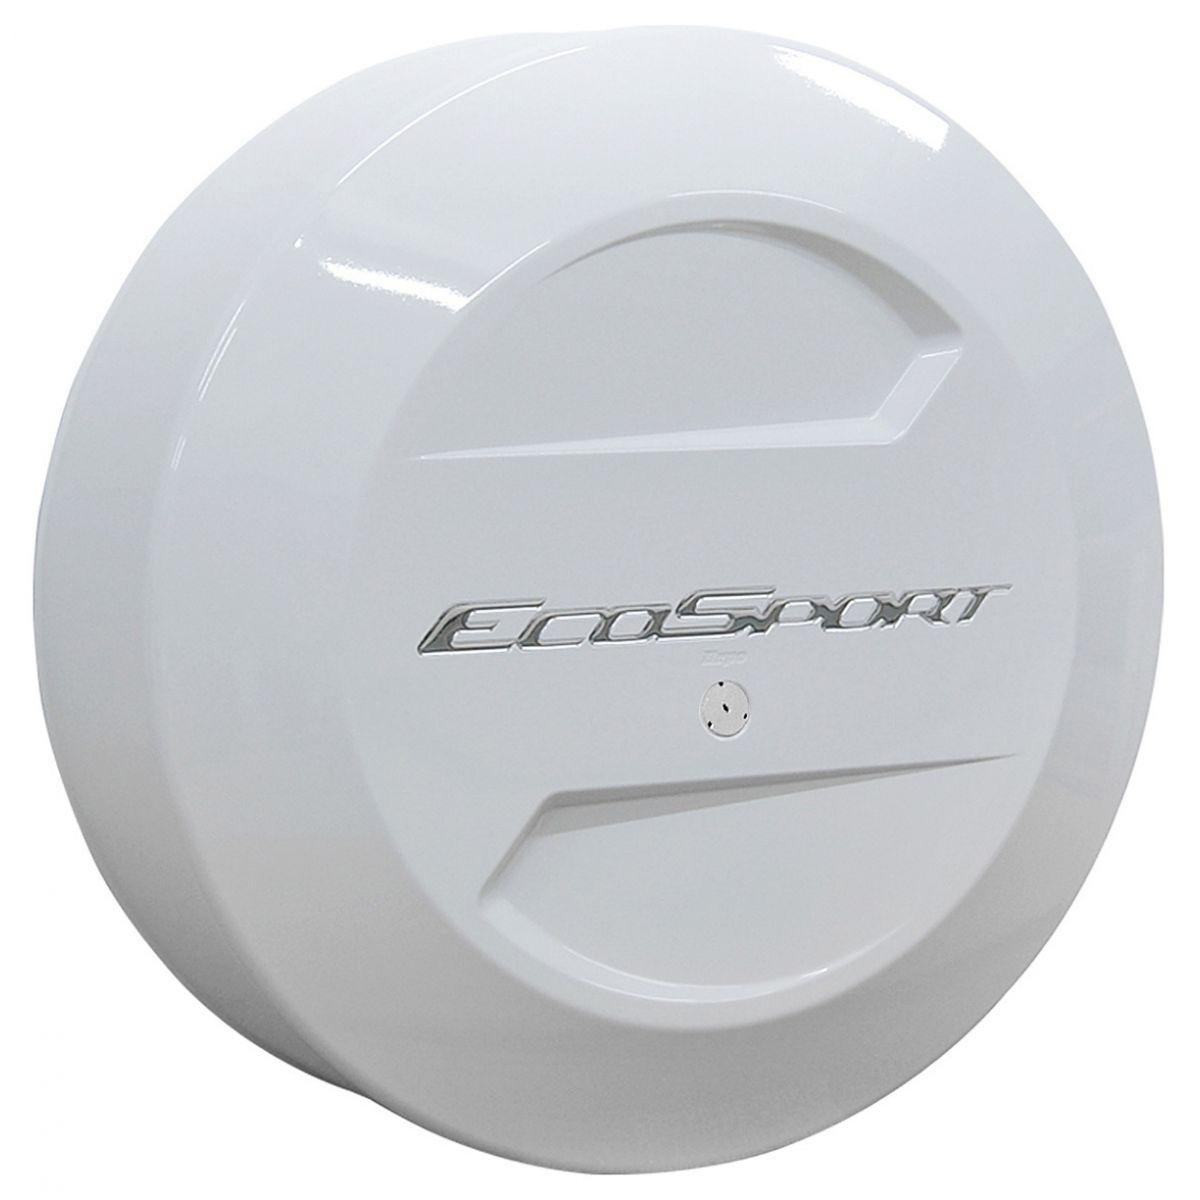 Capa de estepe r�gida Ecosport 2003 a 2017 cor Branco �rtico